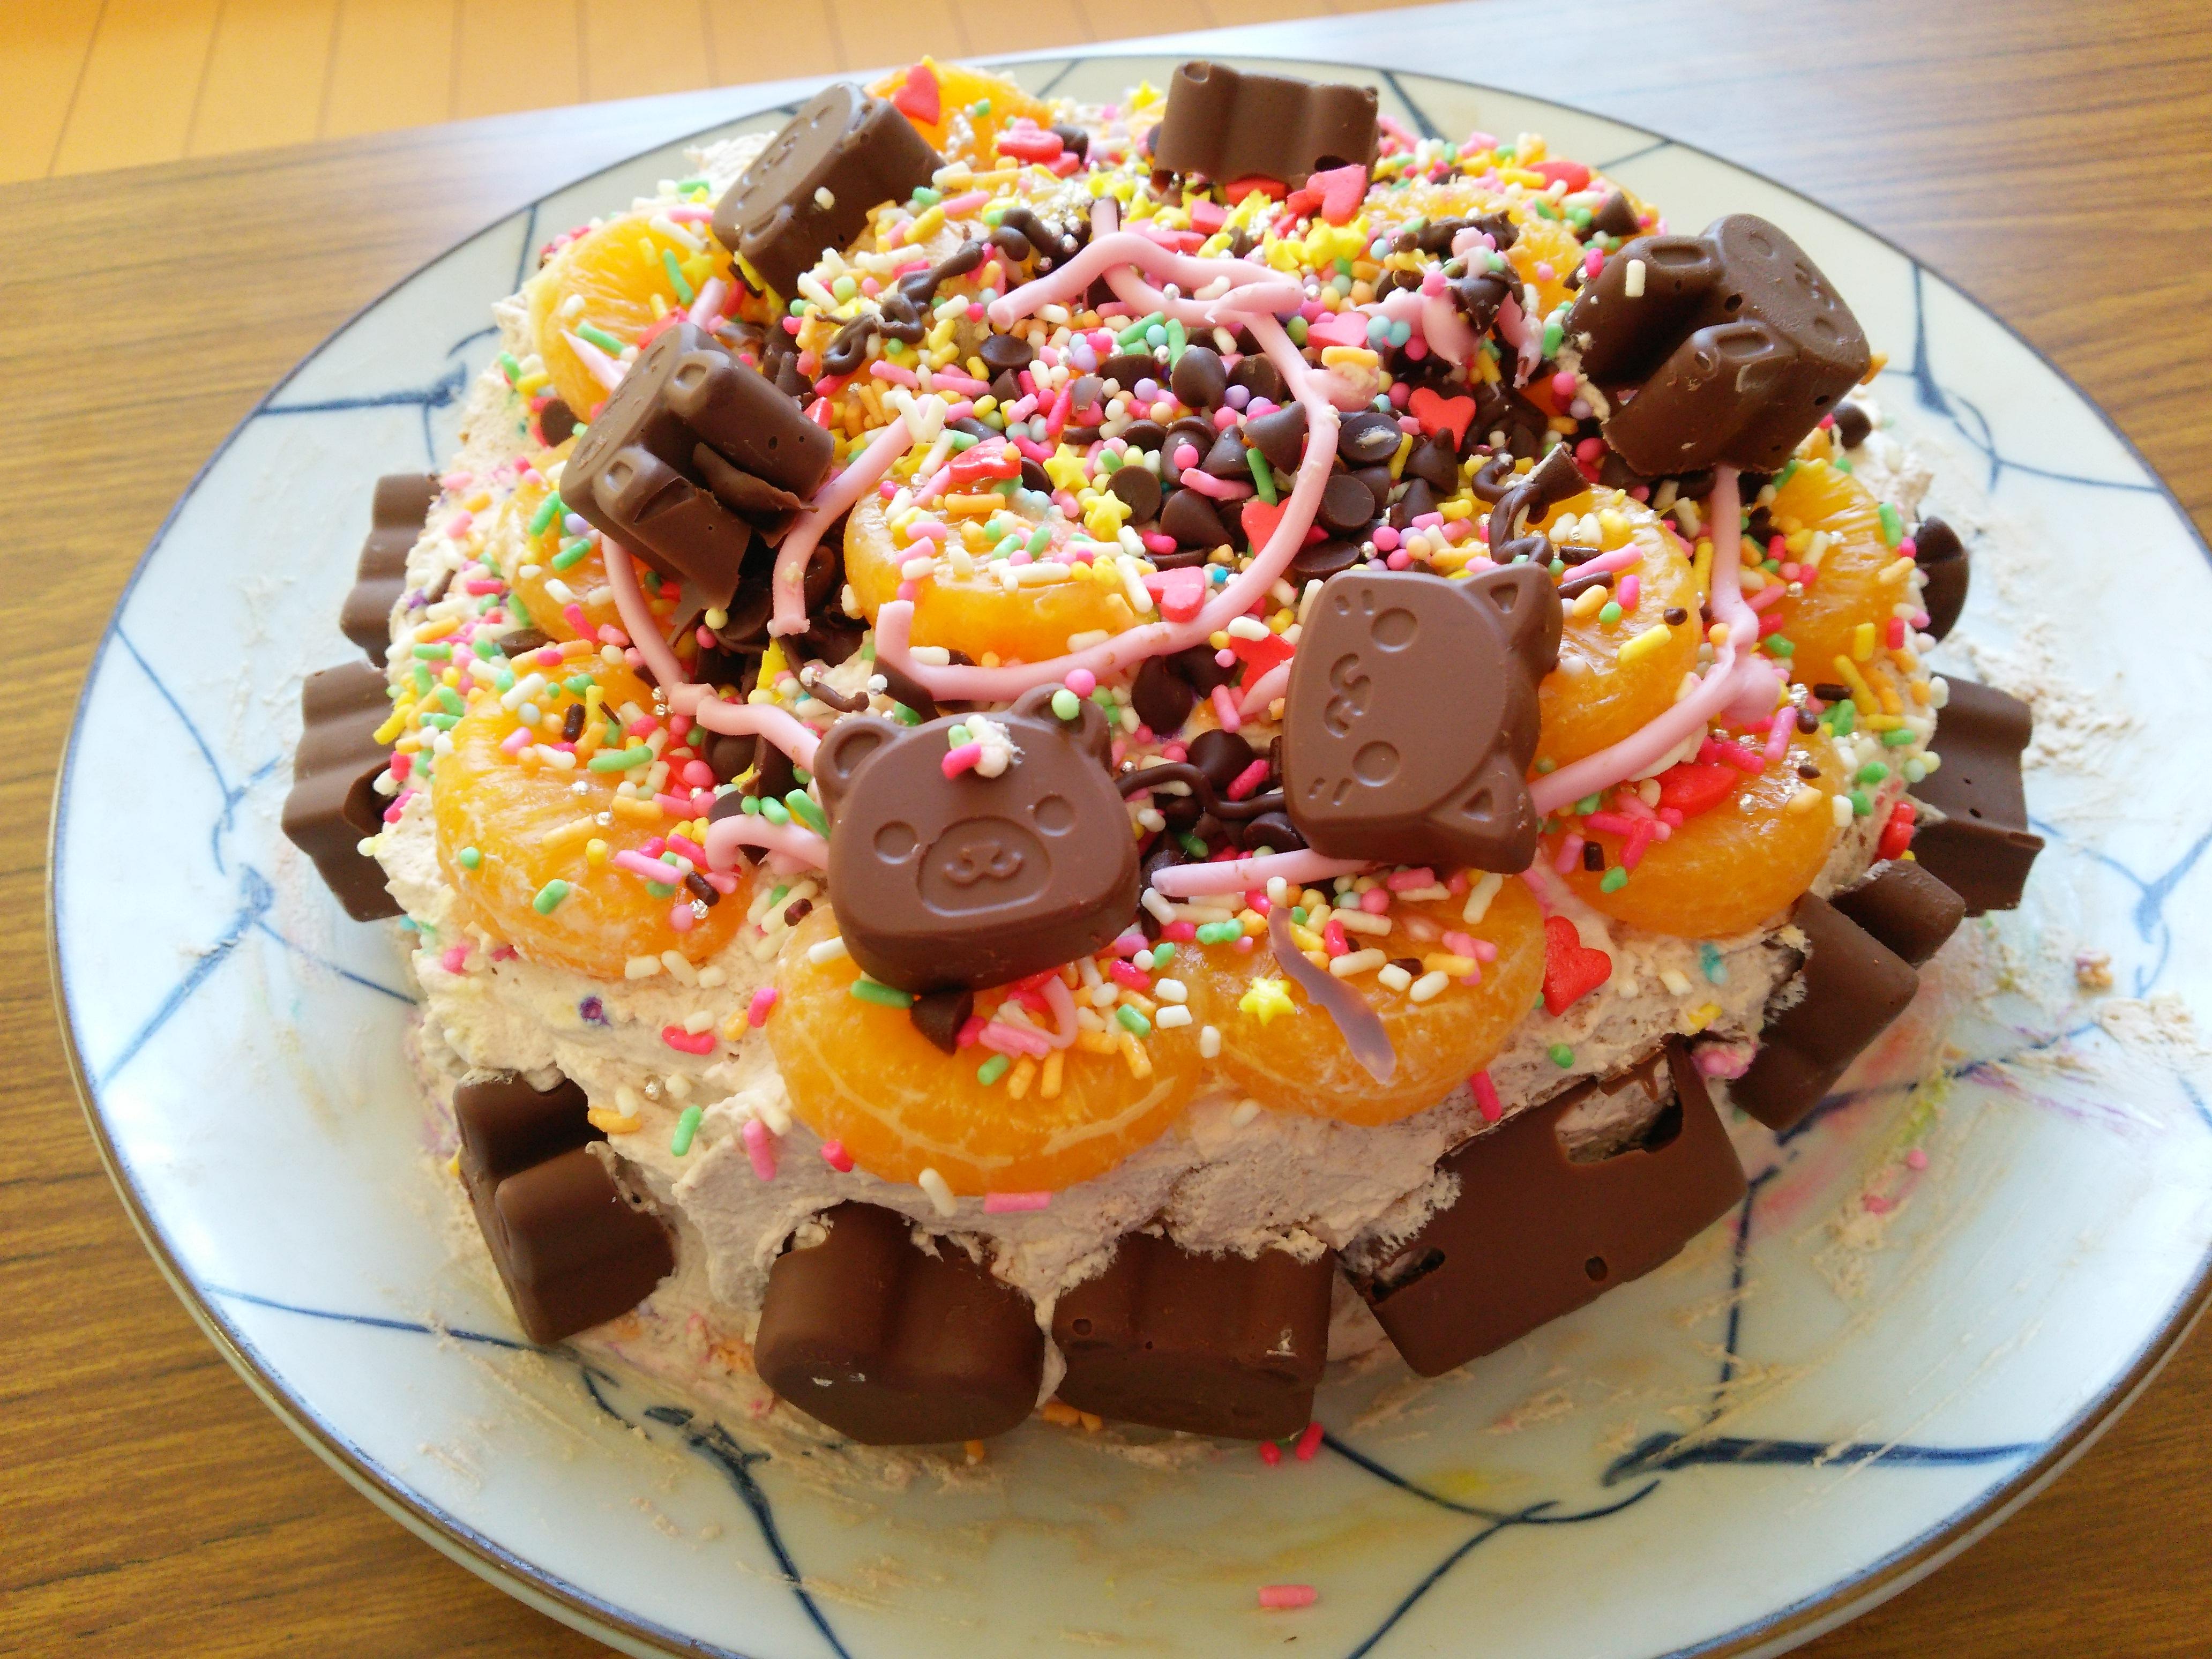 チョコレートケーキ完成.jpg